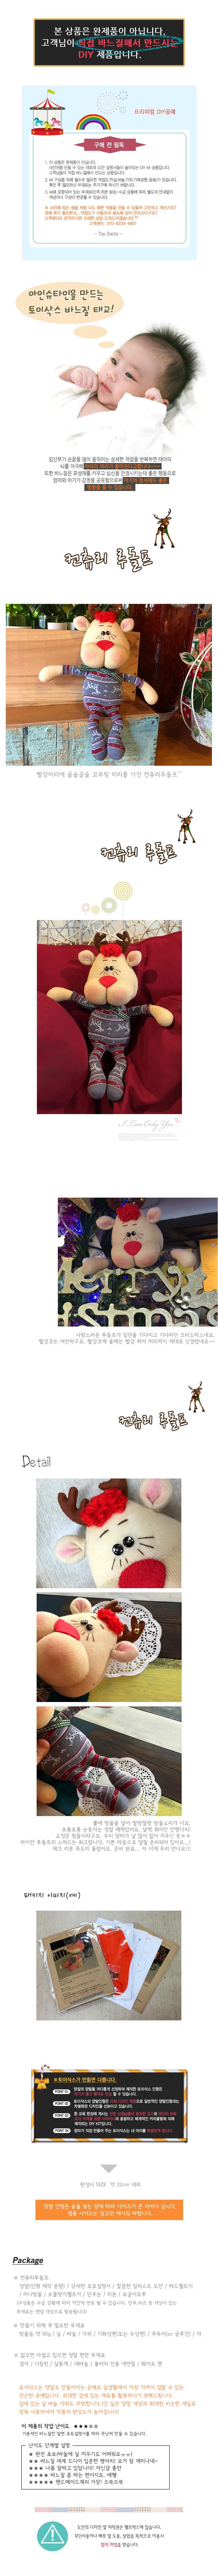 컨츄리 루돌프 양말인형만들기 - 펠트박스, 7,800원, 퀼트/원단공예, 인형 패키지